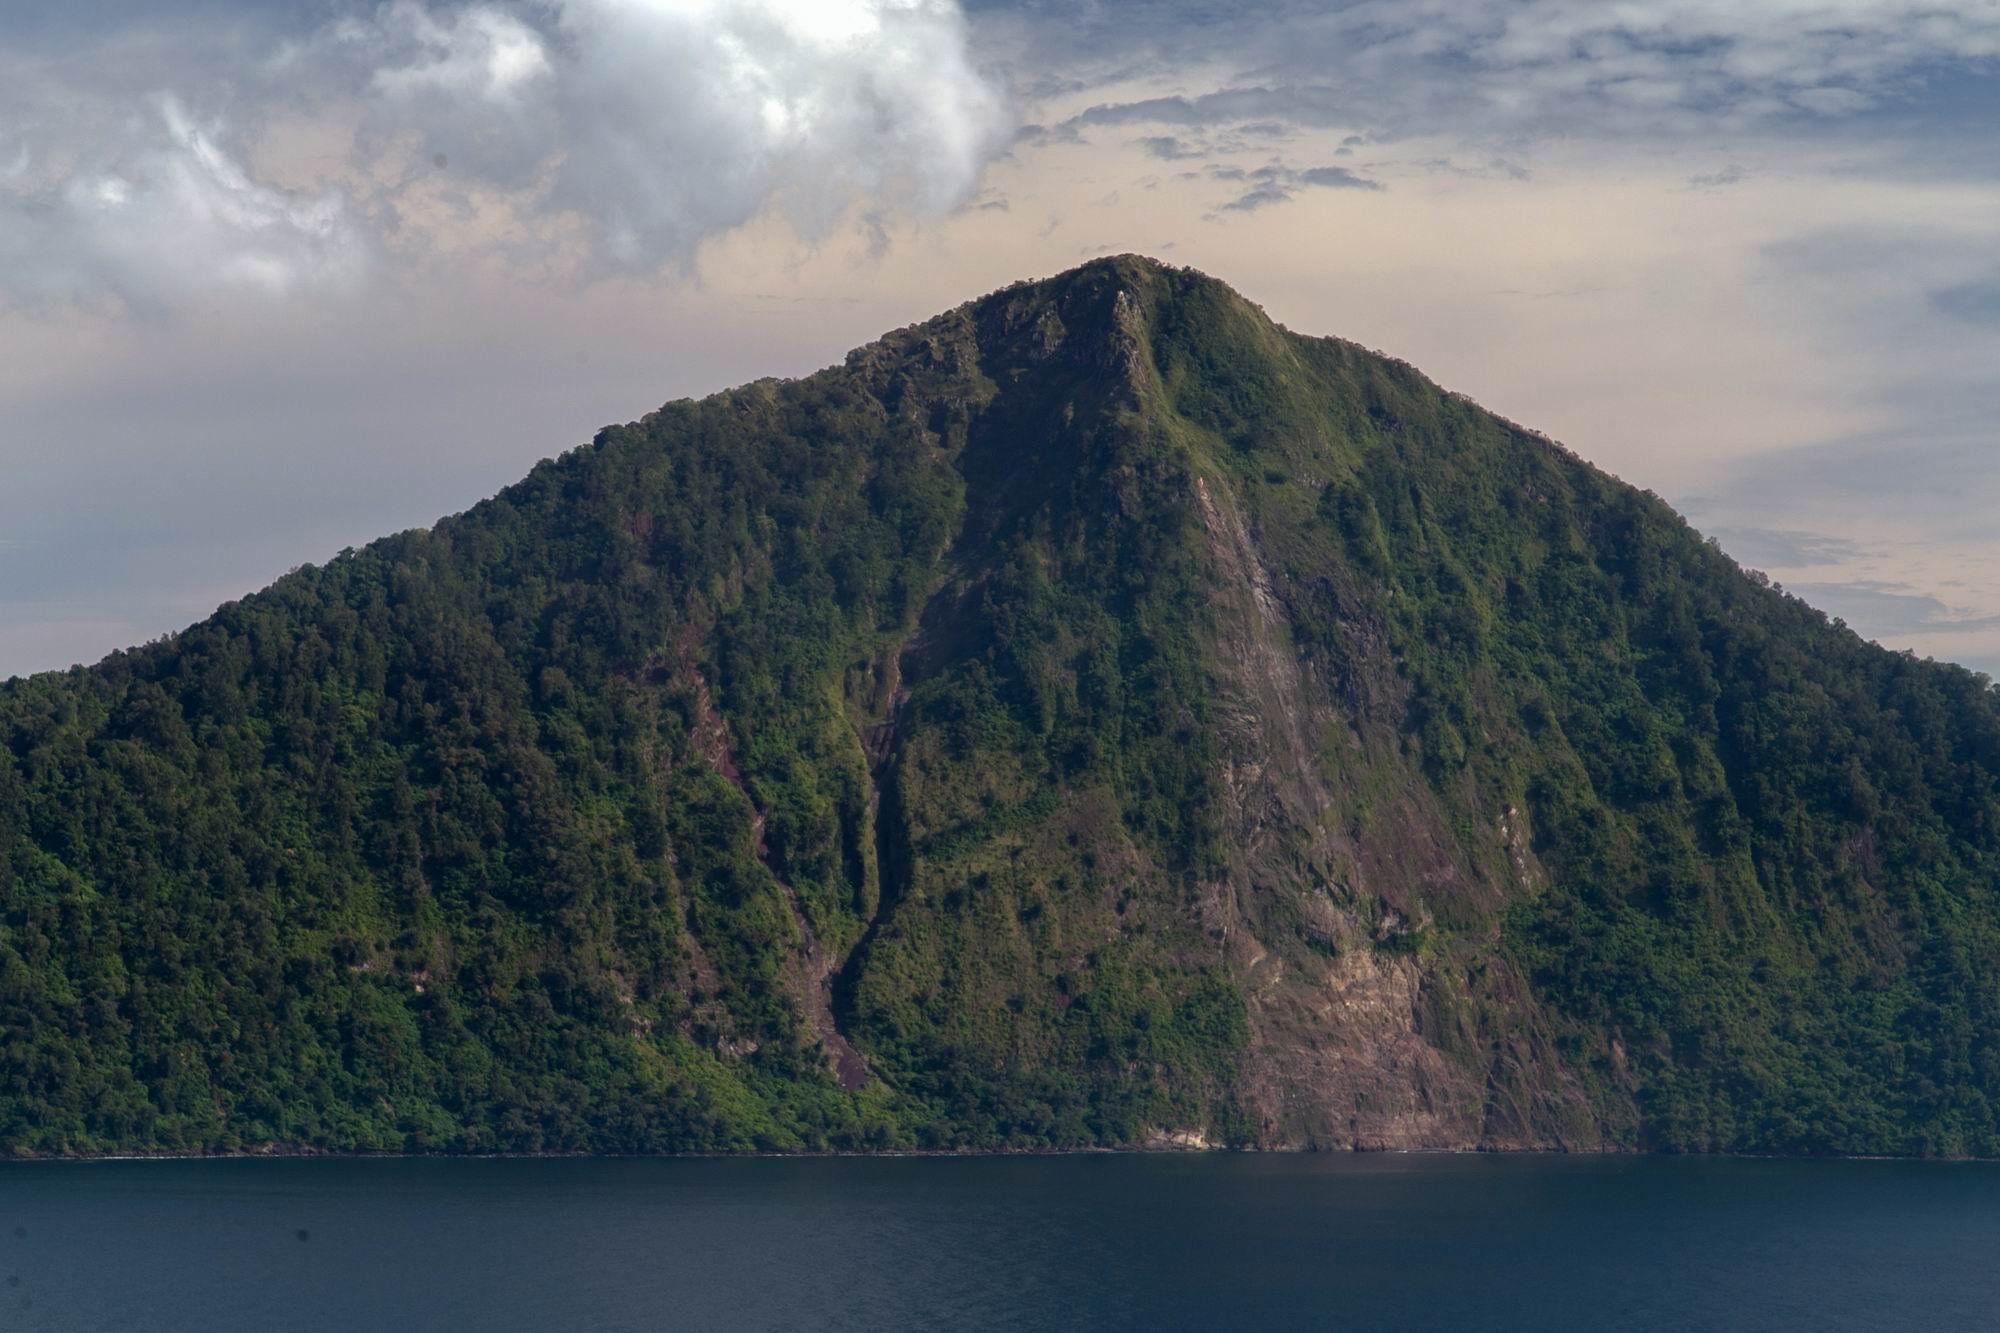 662 Pulau Rakata ©2018 Deni Sugandi